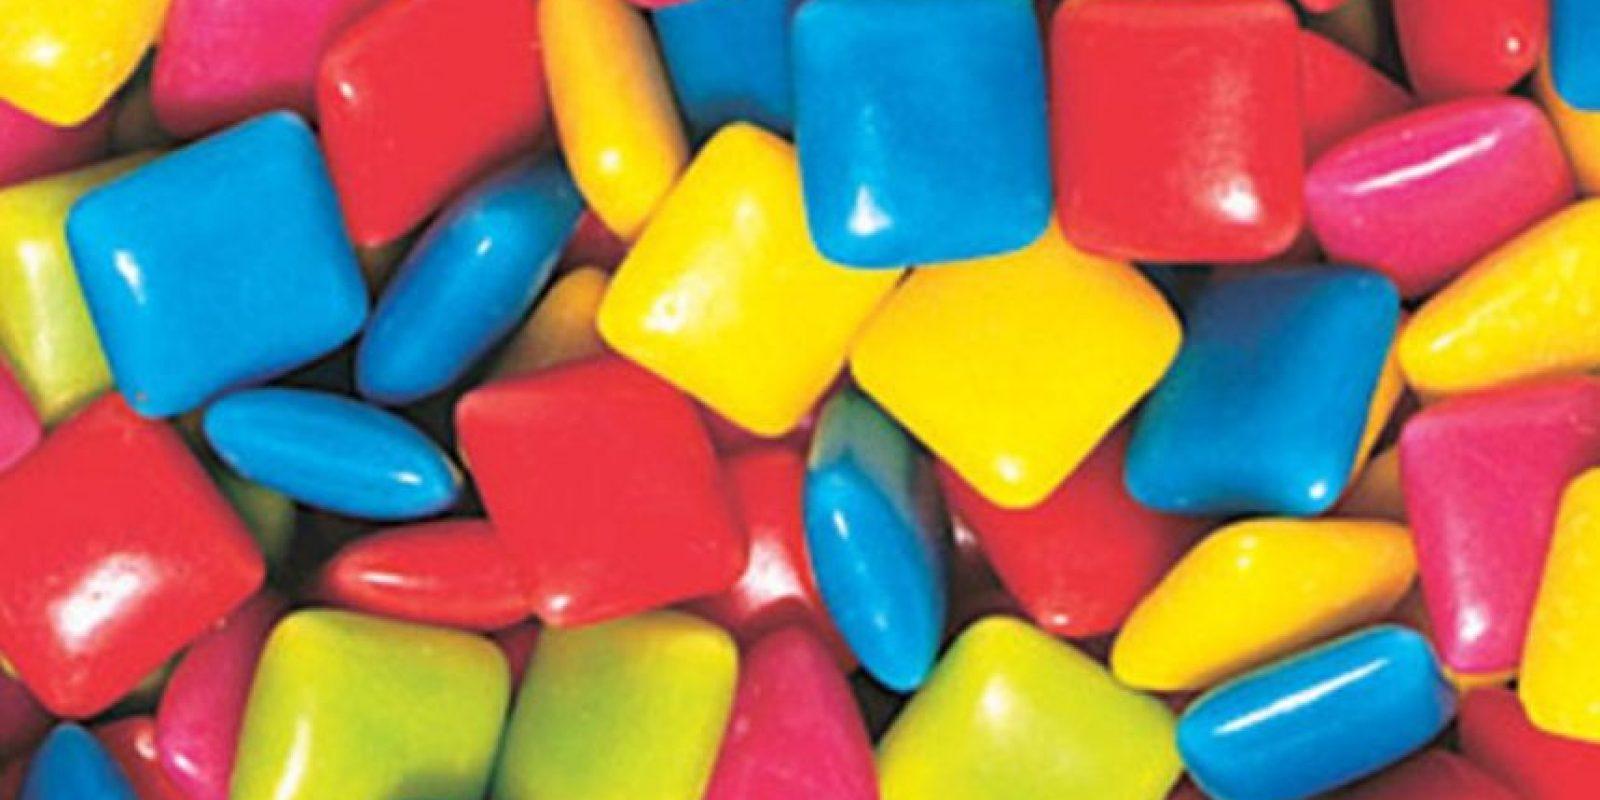 4. Los chicles sólo se deben masticar durante un máximo de 10 minutos, pues masticar por demasiado tiempo puede provocar problemas. Foto:Pinterest